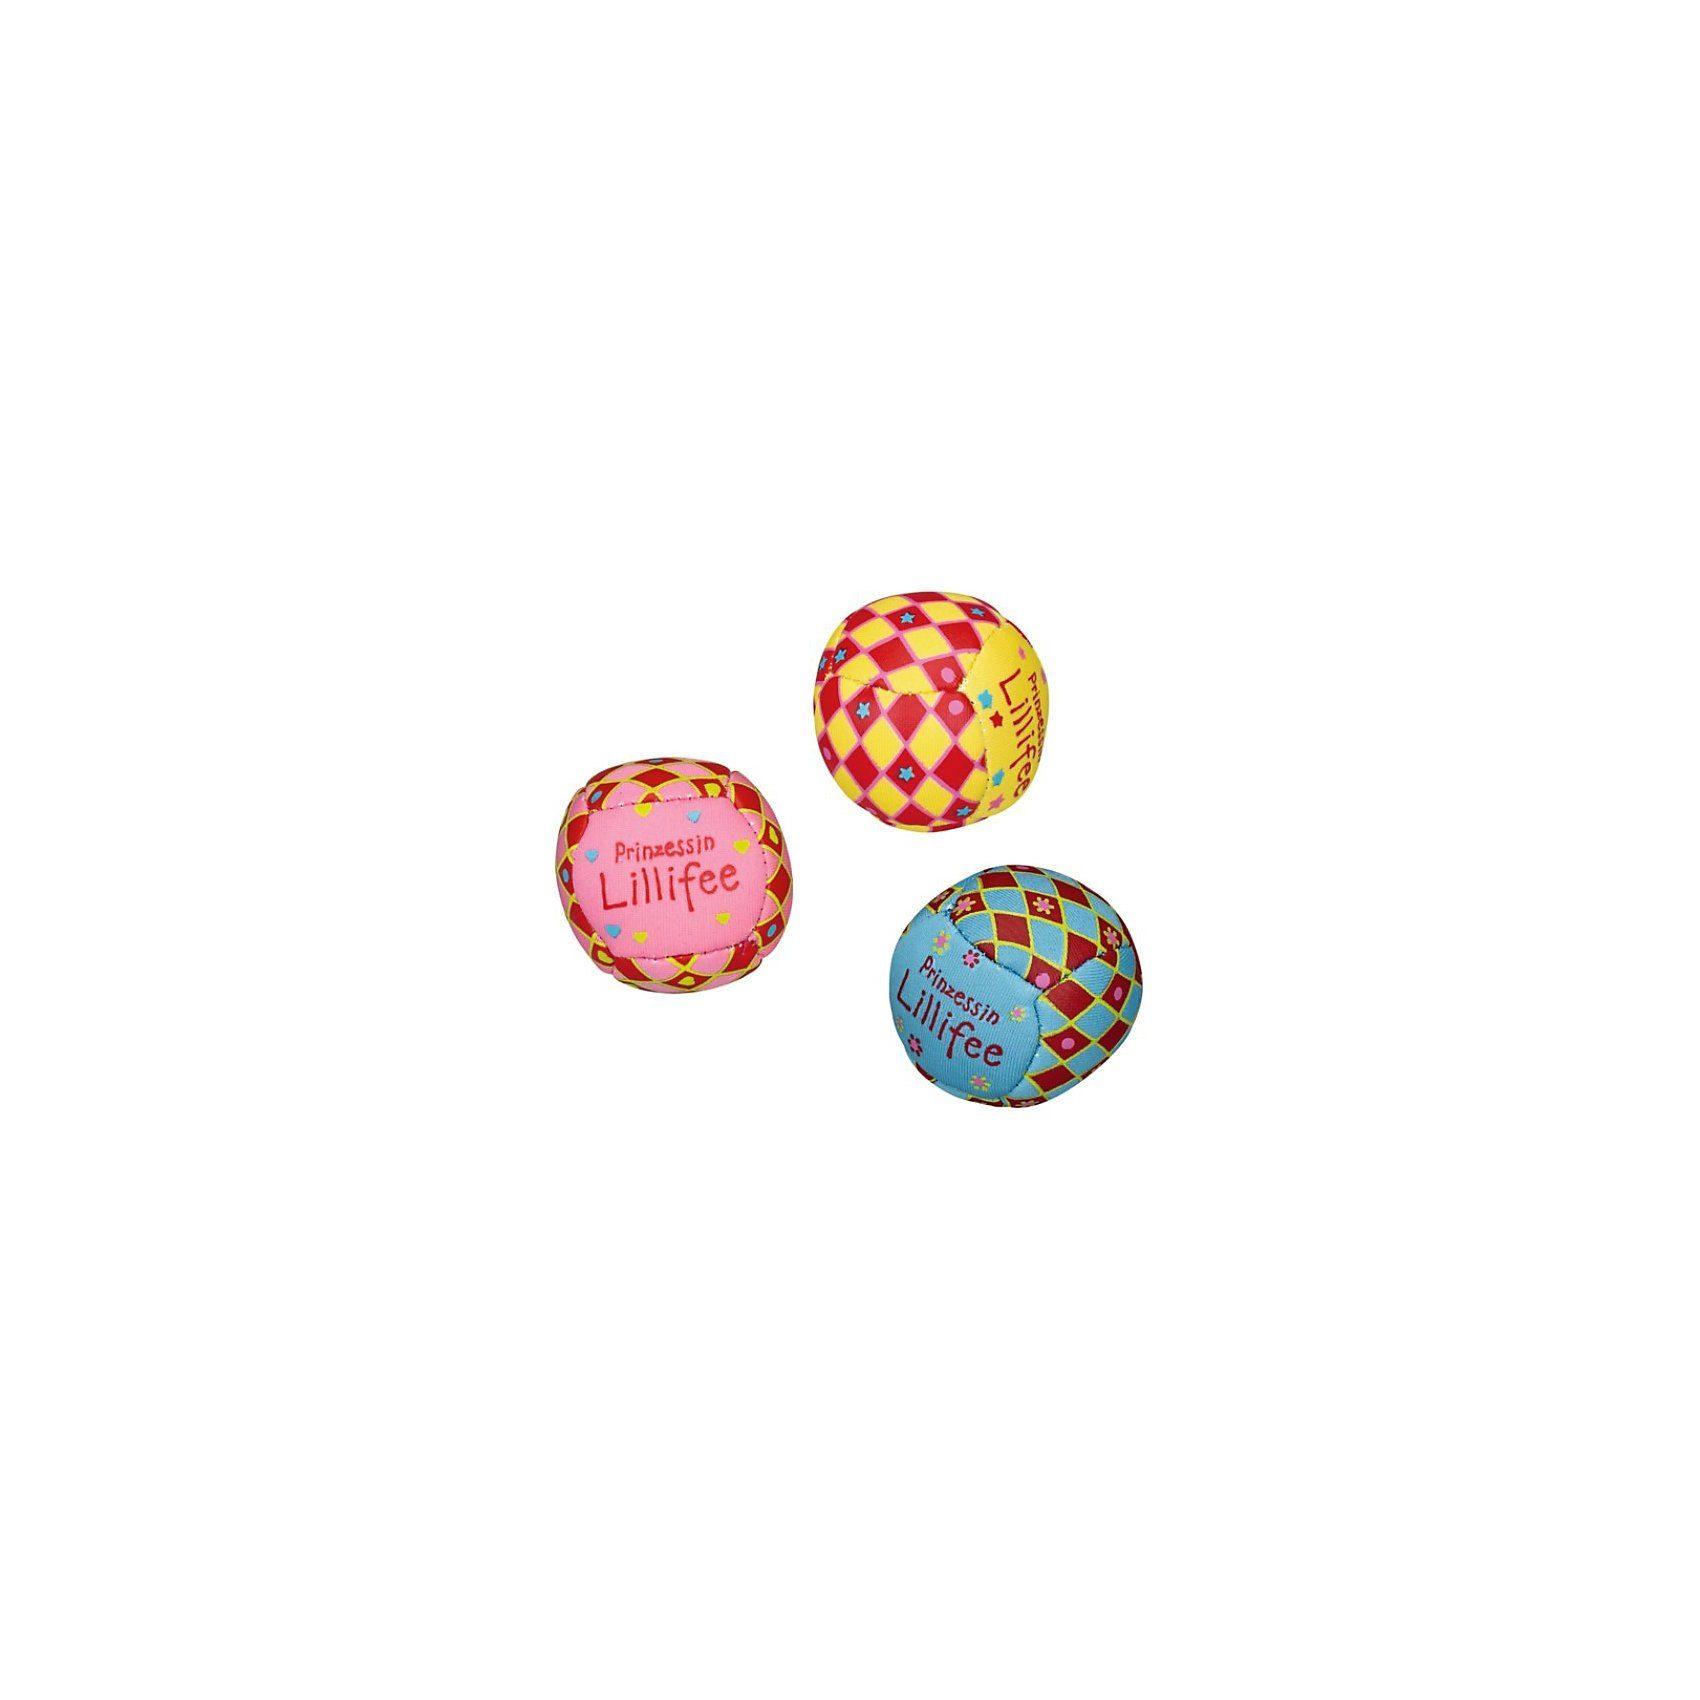 Spiegelburg Neopren Mini-Bälle Prinzessin Lillifee, 3 Stück